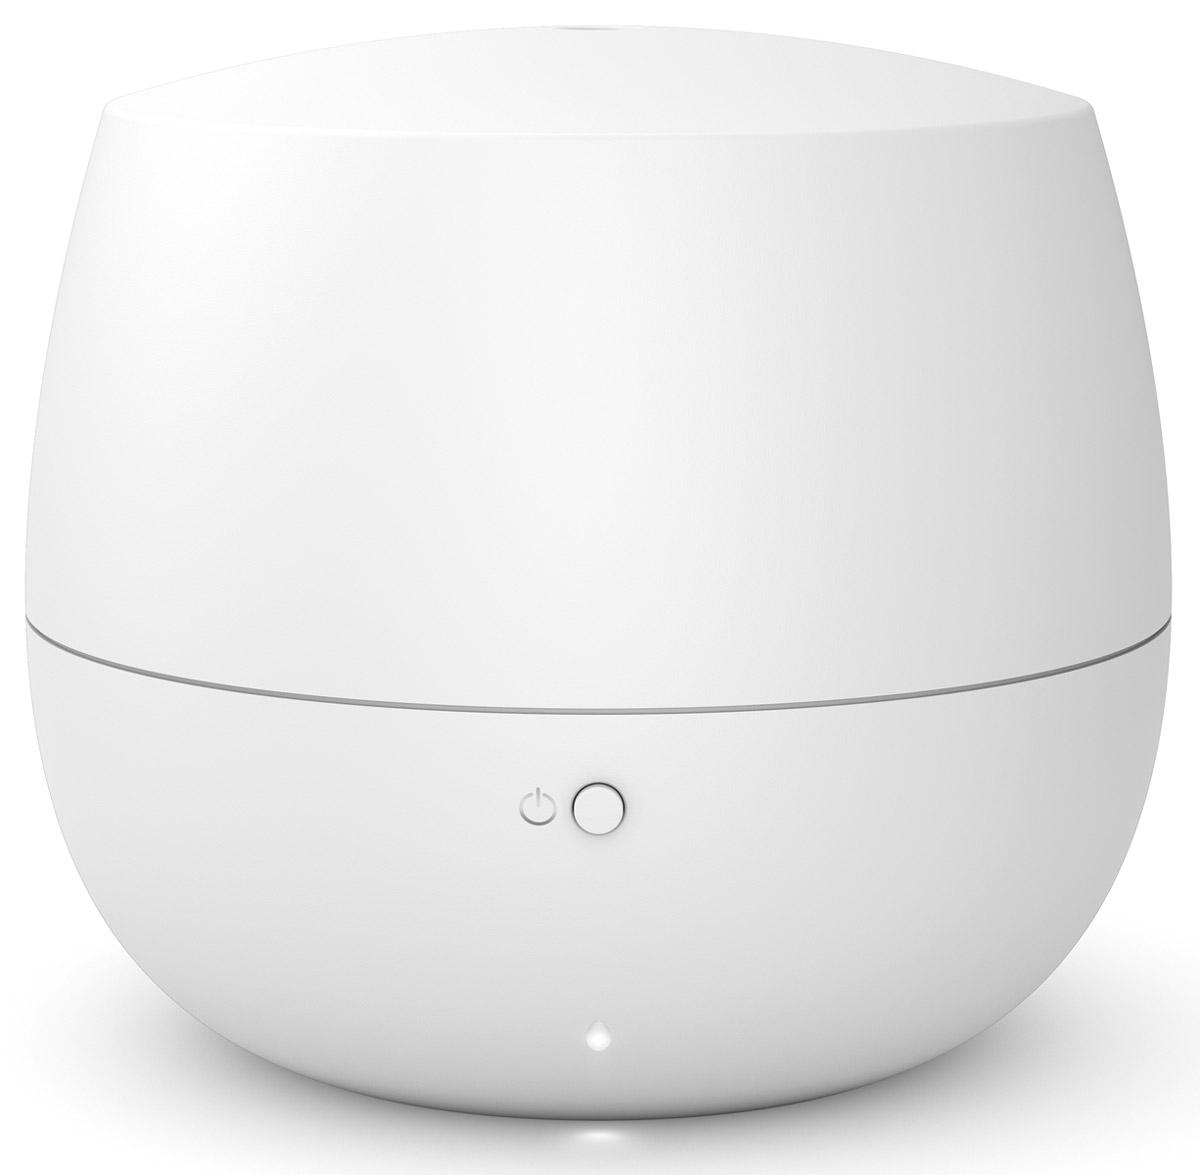 Stadler Form Mia, White ароматизатор воздуха00000051231Еще несколько шагов по знакомым ступенькам, язычок замка нехотя перевернется, и вы окажетесь дома. Раньше,чем свет покажет вам привычную картину прихожей, вы ощутите едва заметный, ласковый и теплый аромат. Таквас встречает Stadler Form Mia - миниатюрный ароматизатор воздуха для дома.Этот умный ароматизатор выполняет работу эффективно и незаметно. Даже ее символическая подсветканаправлена вниз - Mia словно опустила взгляд. Впрочем, обратить на нее внимание все же стоит: мягкий дизайн,форма которого близка человеку на генном уровне, и теплая матовость материала будут вкусной пищей длявашего чувства прекрасного. Если оставить высокие материи и обратиться к технологиям, то внутри Mia можно обнаружить современнуюутльтразвуковую мембрану. Она превращает воду, в которую вы добавляете любимый аромат, в мелкокапельный легчайший пар. Он хорошо смешивается с воздухом, равномерно наполняя все помещение ненавязчивым благоуханием.Для того чтобы аромат не становился слишком резким, в ароматизаторе предусмотрен интервальный режим.Это означает, что прибор насыщает воздух ароматом в течение 10 минут, а затем отключается на 20 минут, чтобыконцентрация эфирного масла была невысокой, и запах не стал приторным.За счет интервального режима Mia может непрерывно работать 10 часов, а значит - встречать вас успокаивающей лавандой после работы или всю ночь удобрять иммунитет маслом чайного дерева. Насчет спокойствия можно не беспокоиться и смело пускать Mia в спальню: она работает практически неслышно.